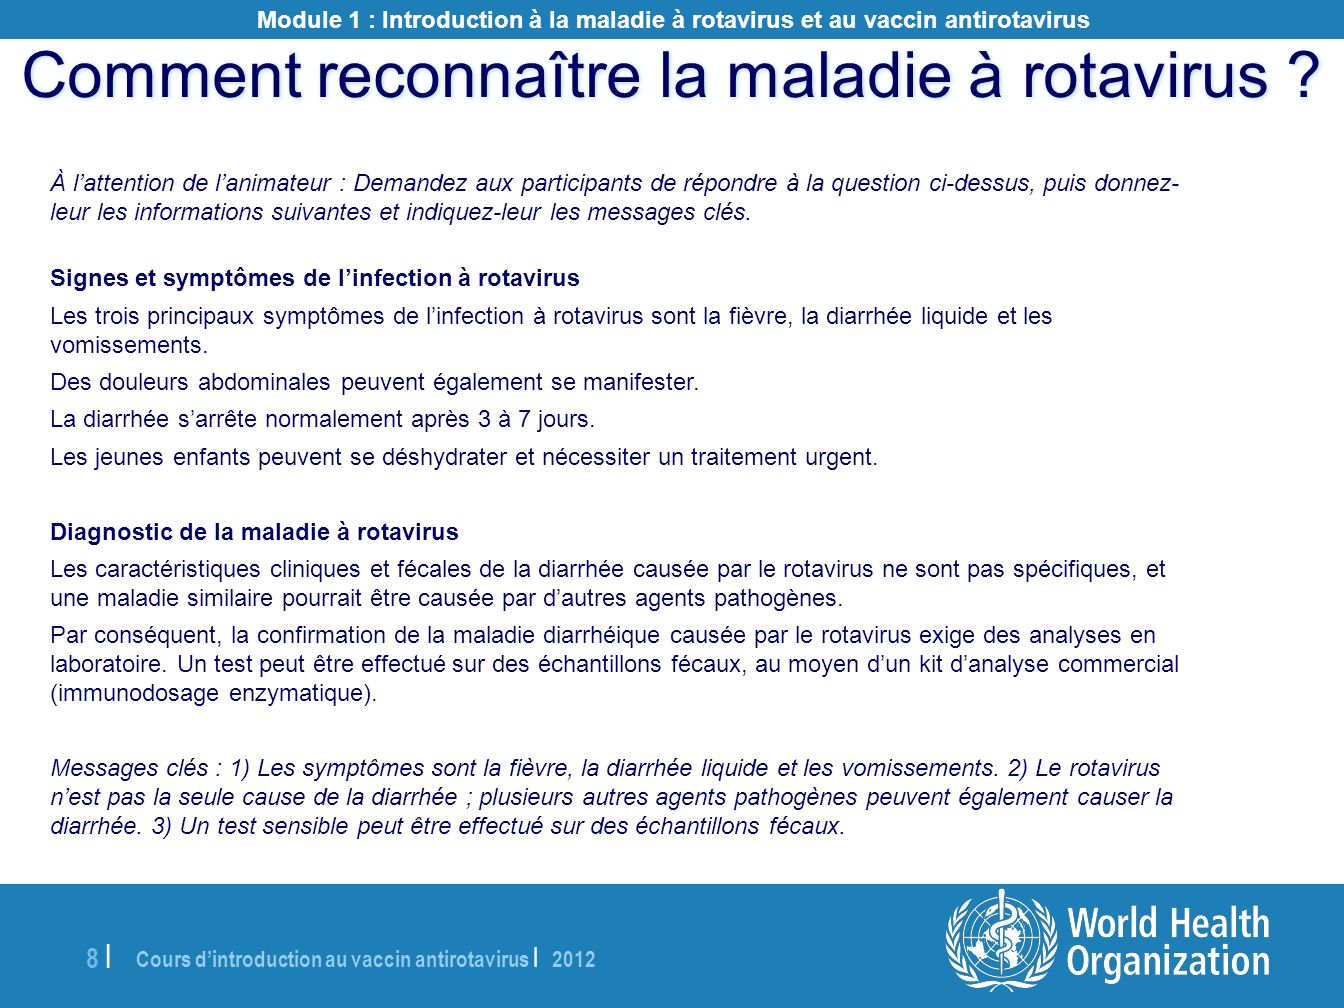 Comment reconnaître la maladie à rotavirus